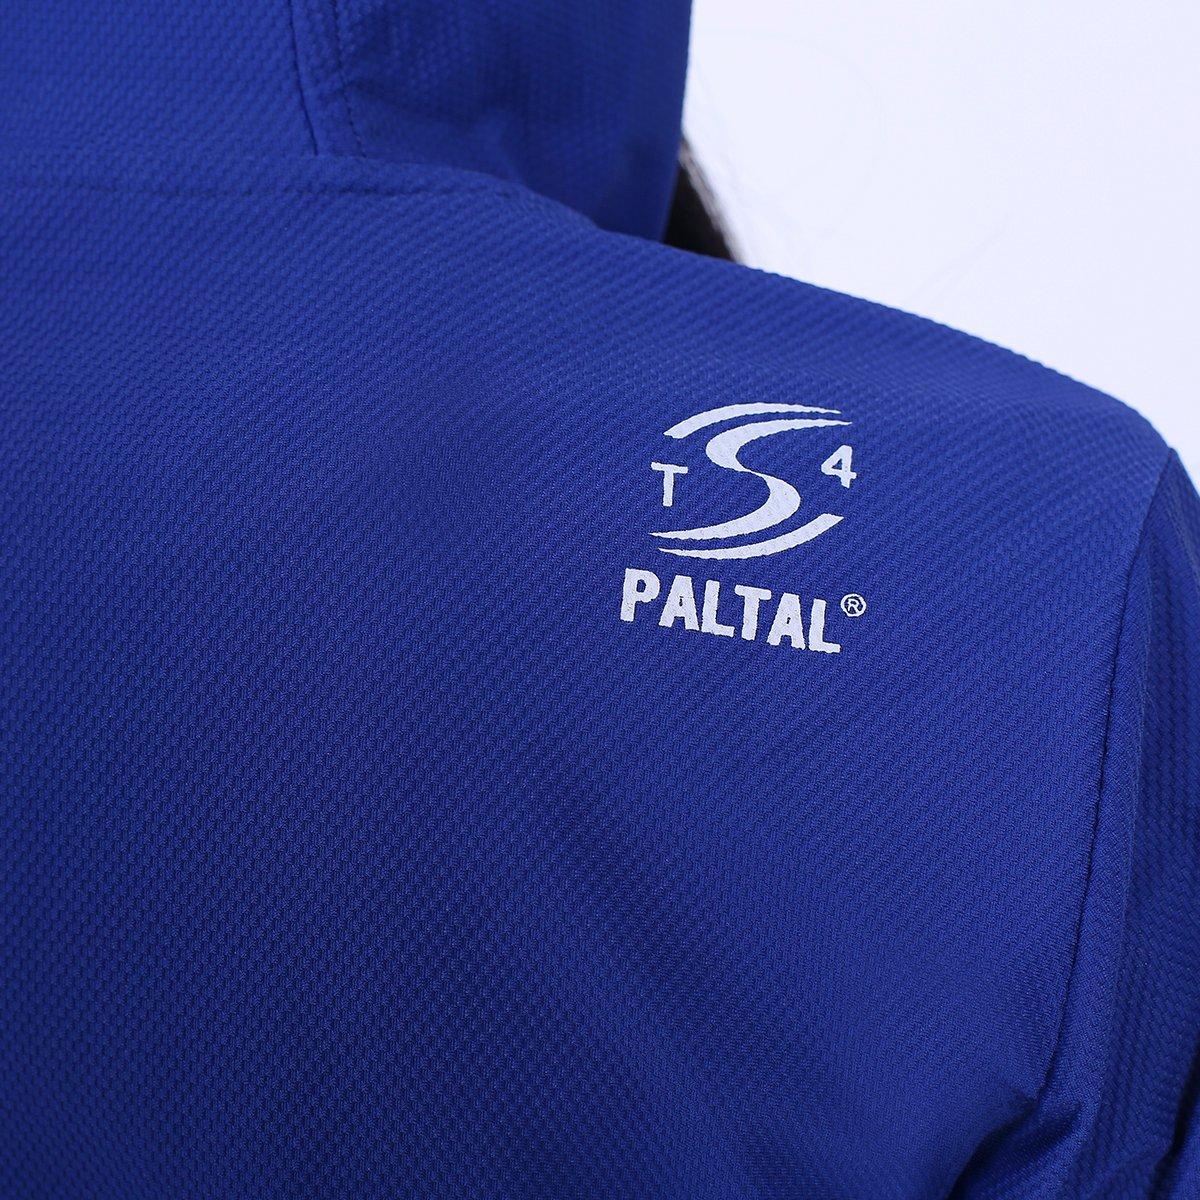 Áo khoác t4 cao cấp có nón chống tia tử ngoại uv paltal akcn 371p 1037